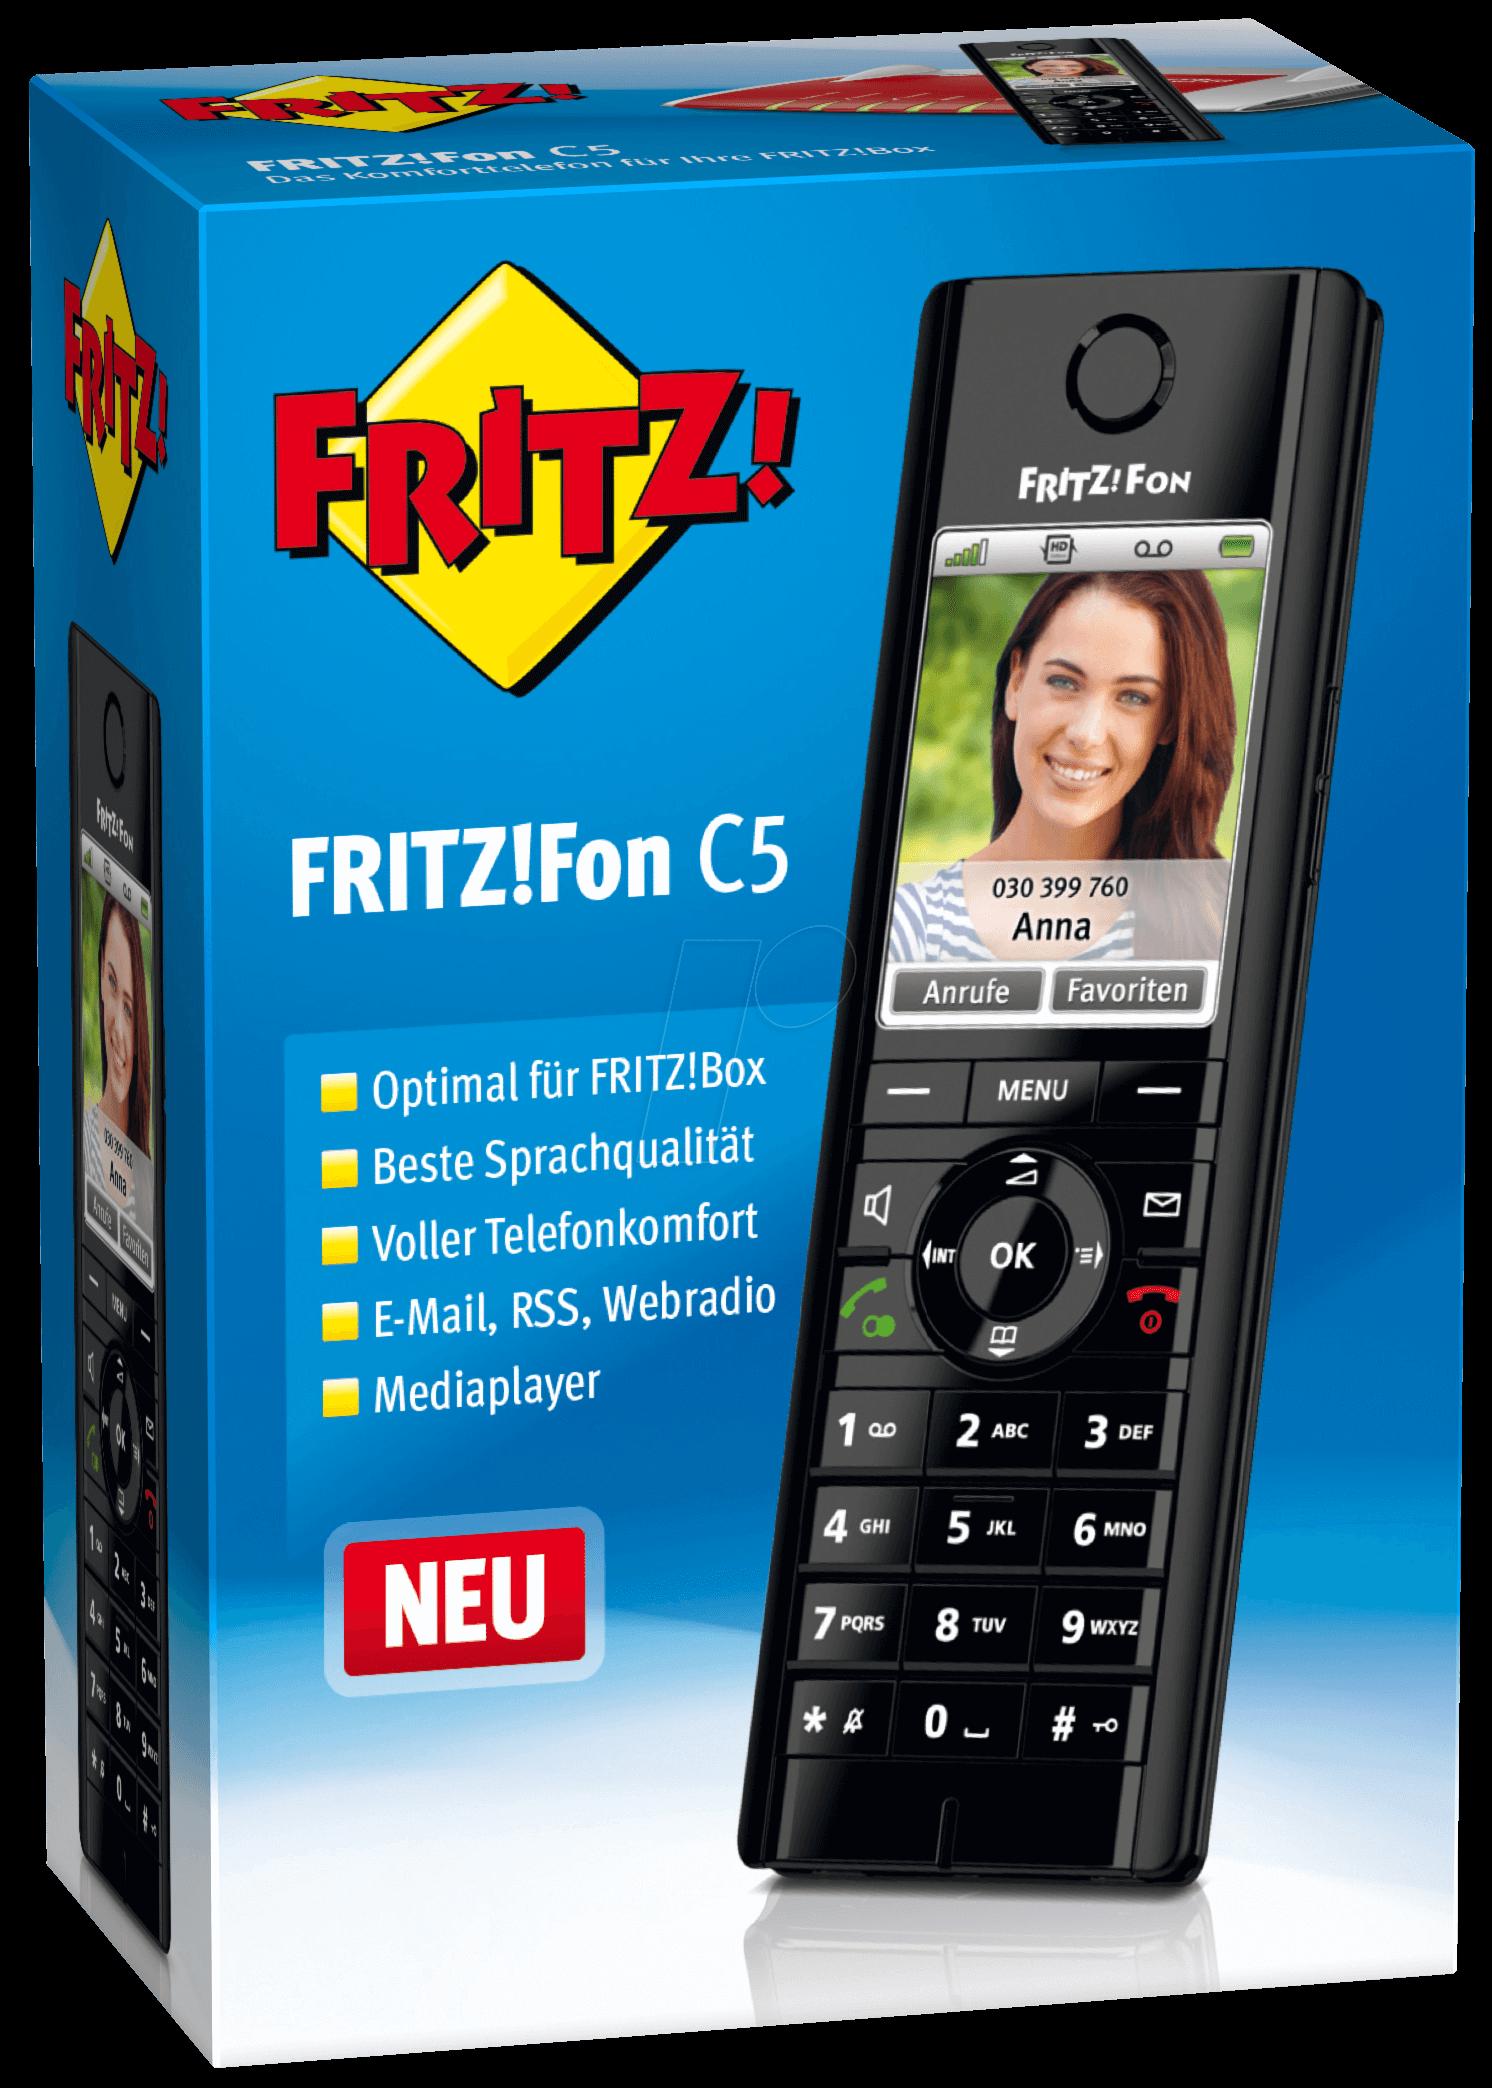 AVM FRITZFON C5: AVM FRITZ!Fon C5